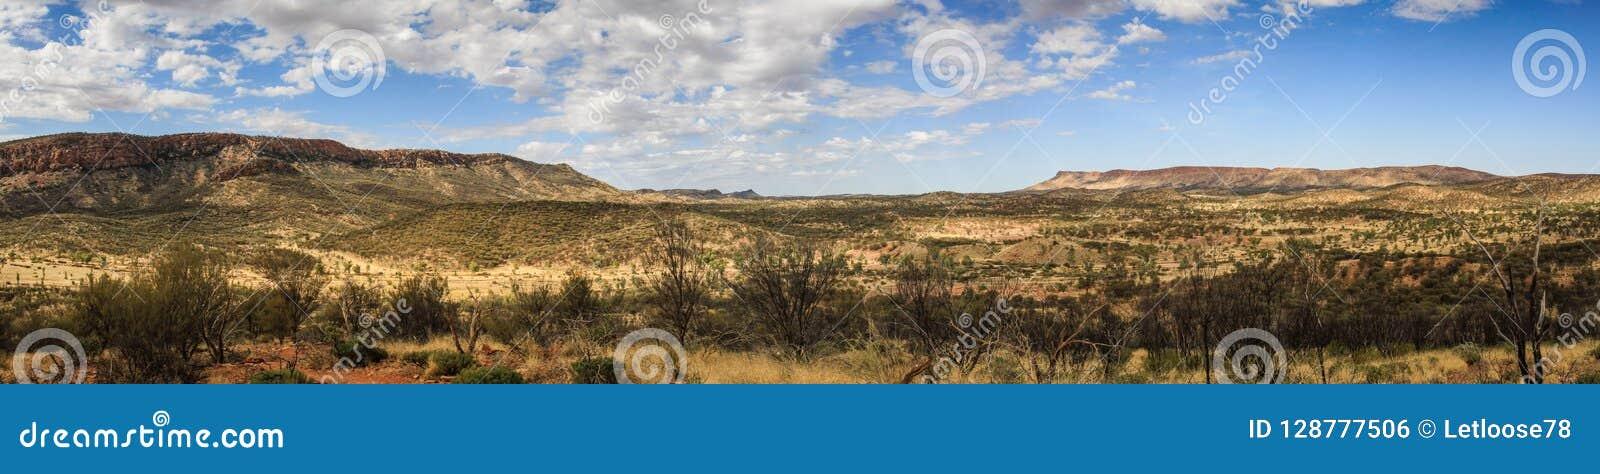 Panorama van de waaier van het westenmcdonnell van Cassia Hill, Noordelijk Grondgebied, Australië